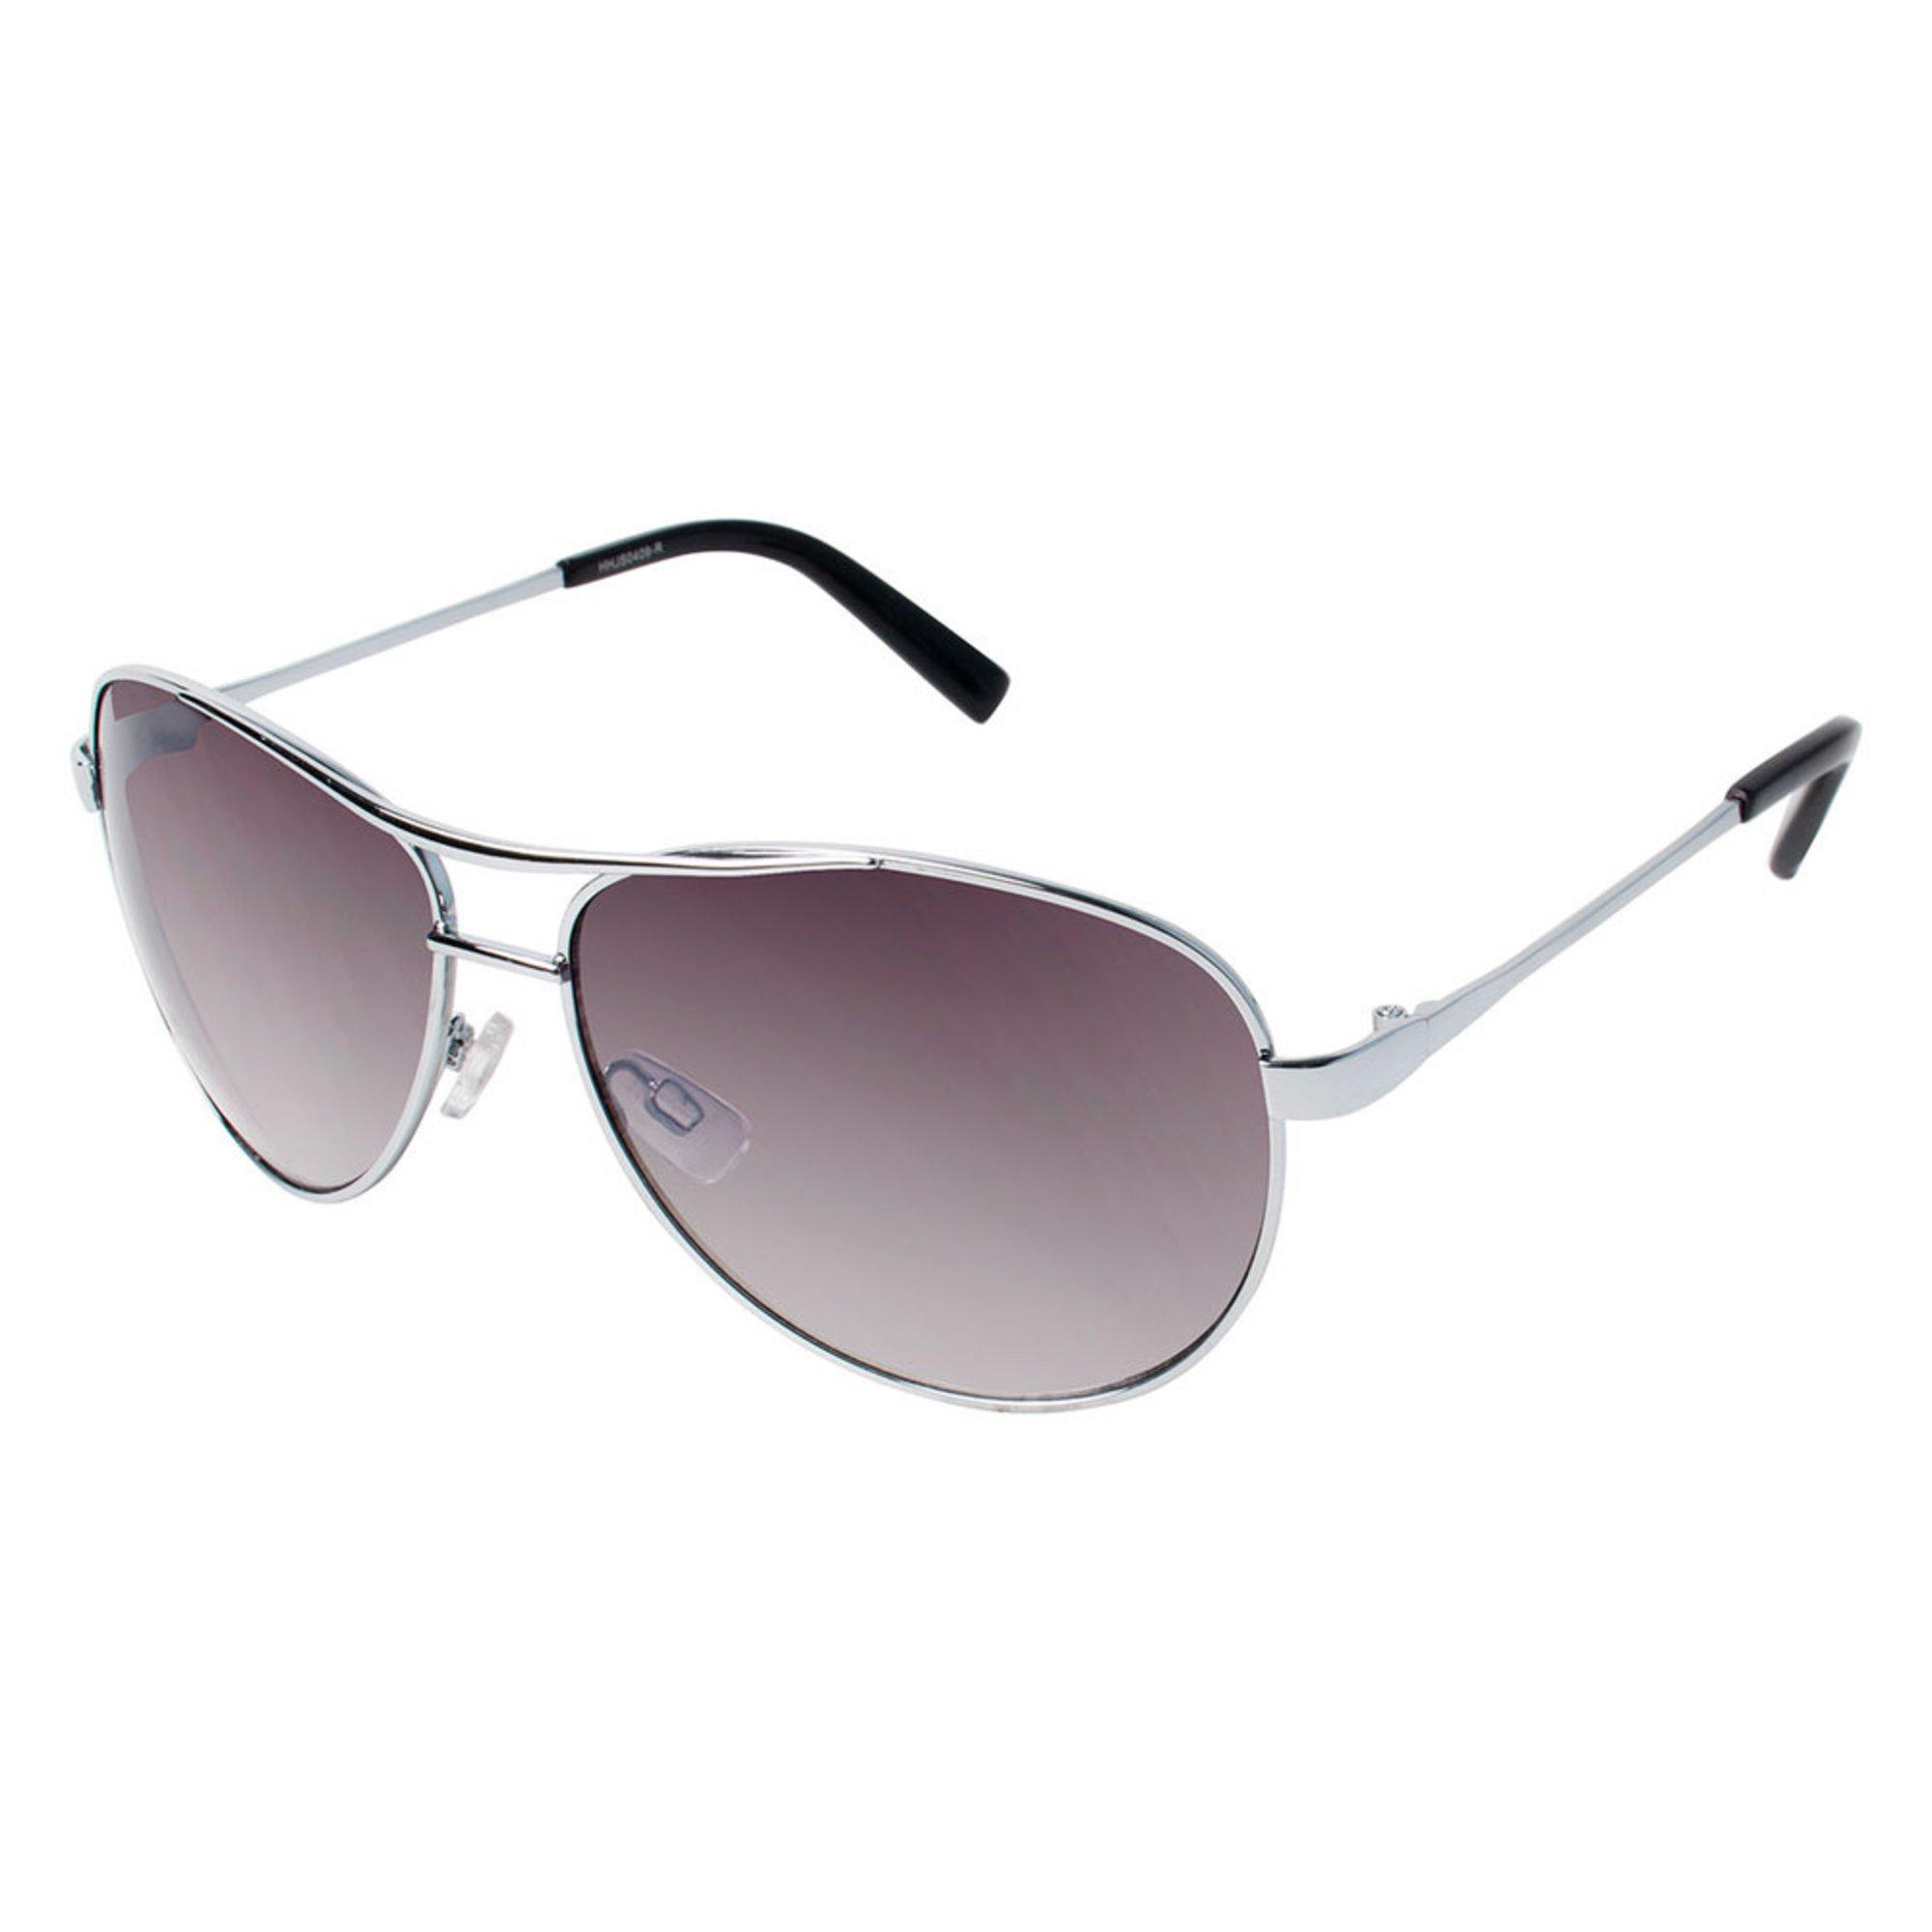 8a93ea740b52c Eagle Eyes. Jessica Simpson Classic Aviator Silver Sunglasses 62mm